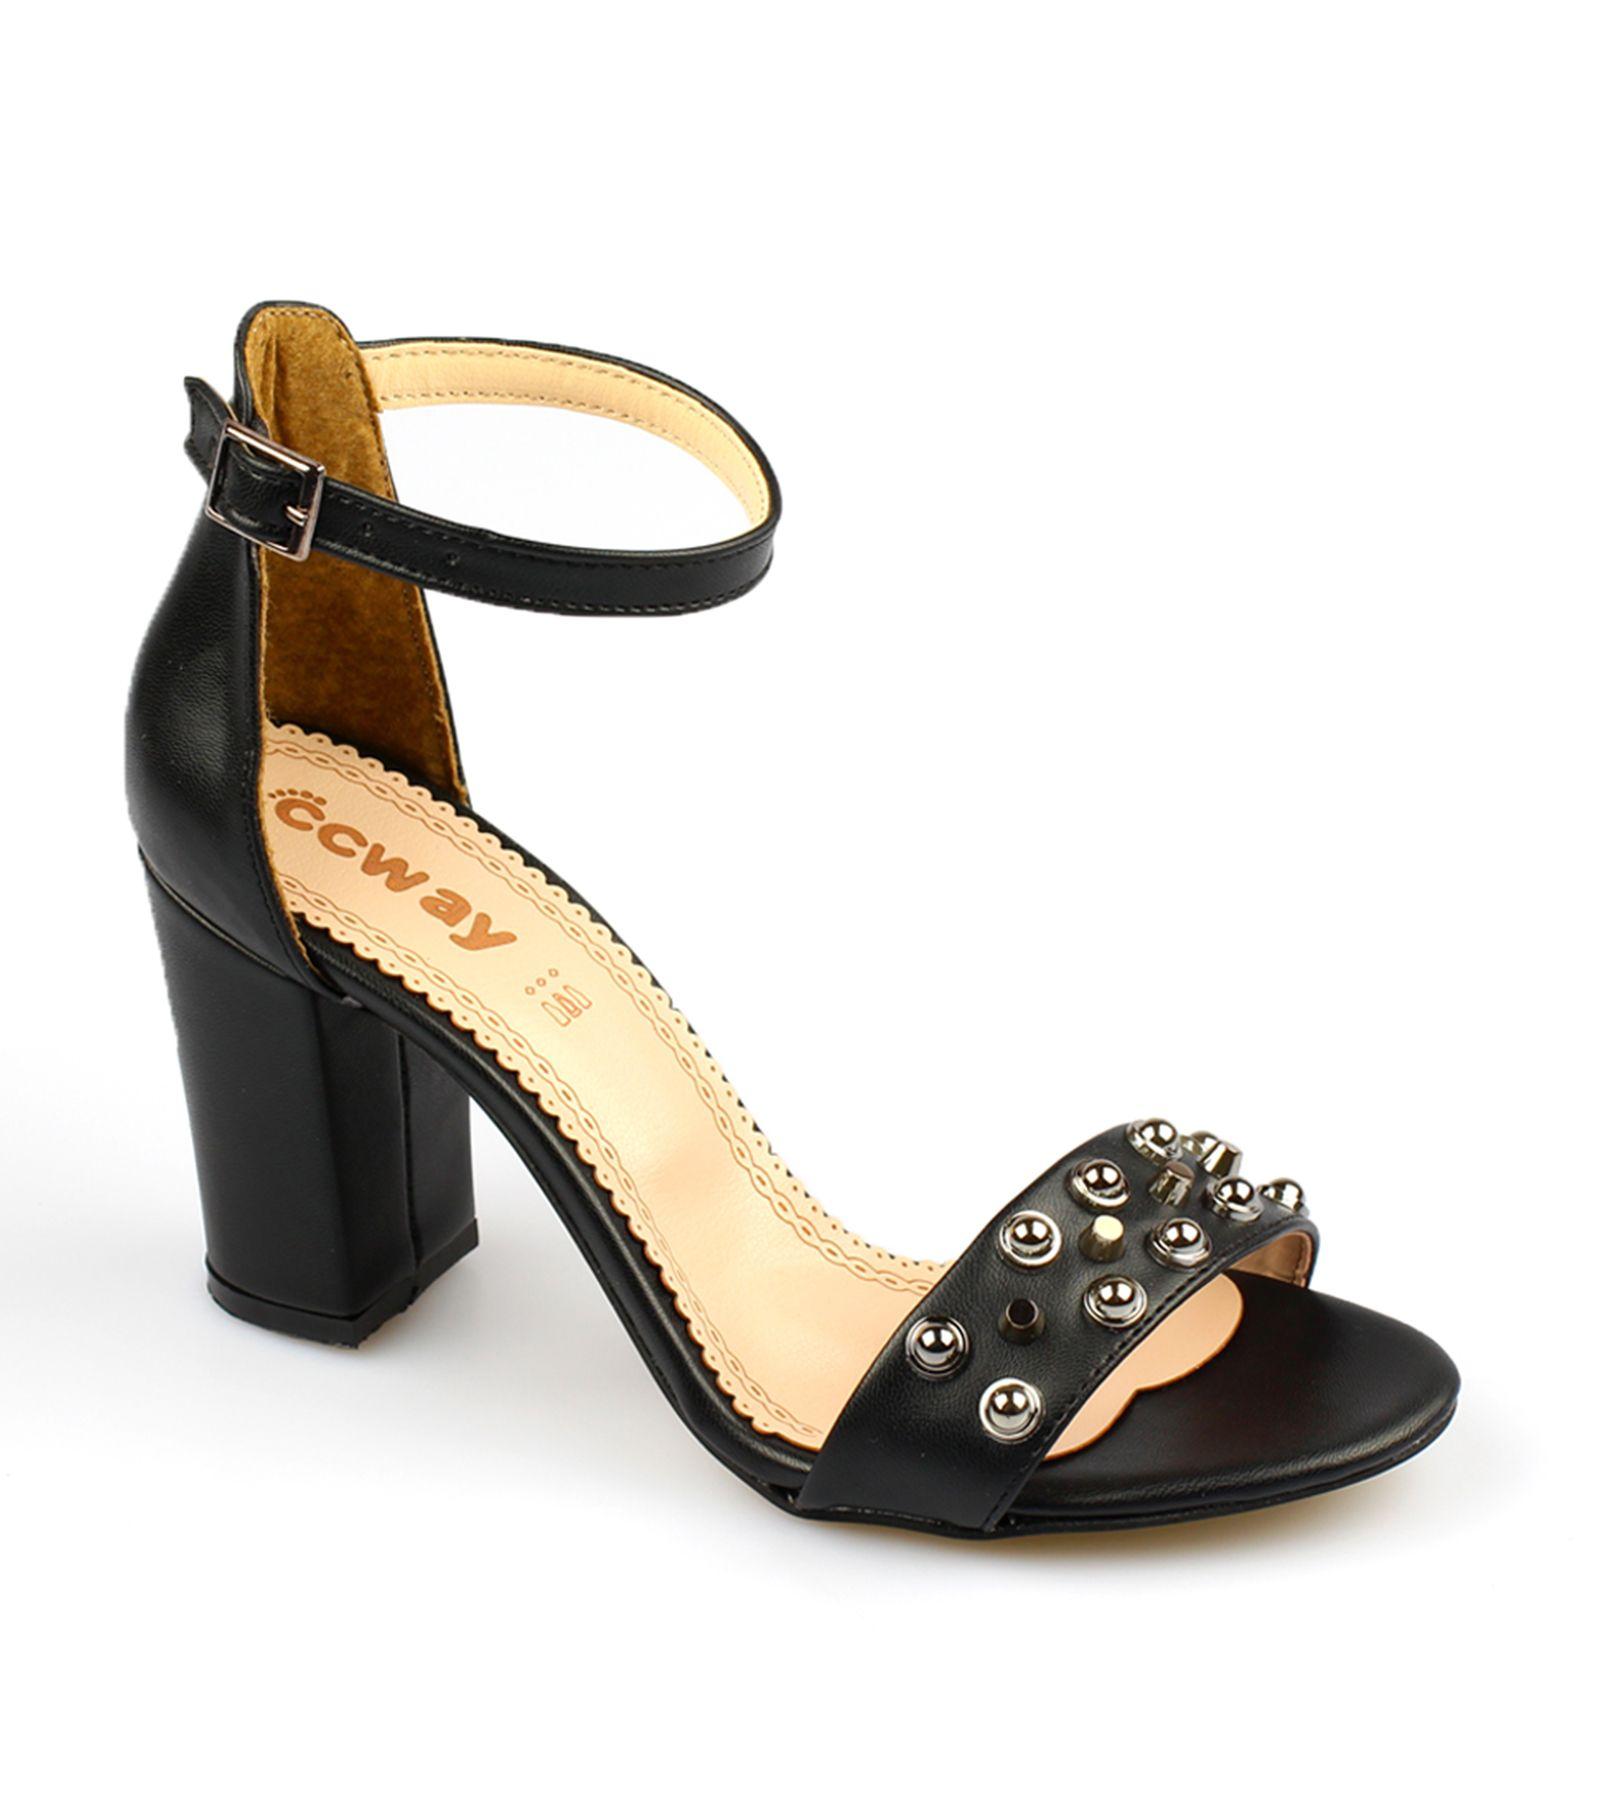 Bayan Topuklu Sandalet 0630 Siyah Suet Sandalet Topuklu Sandalet Topuklular